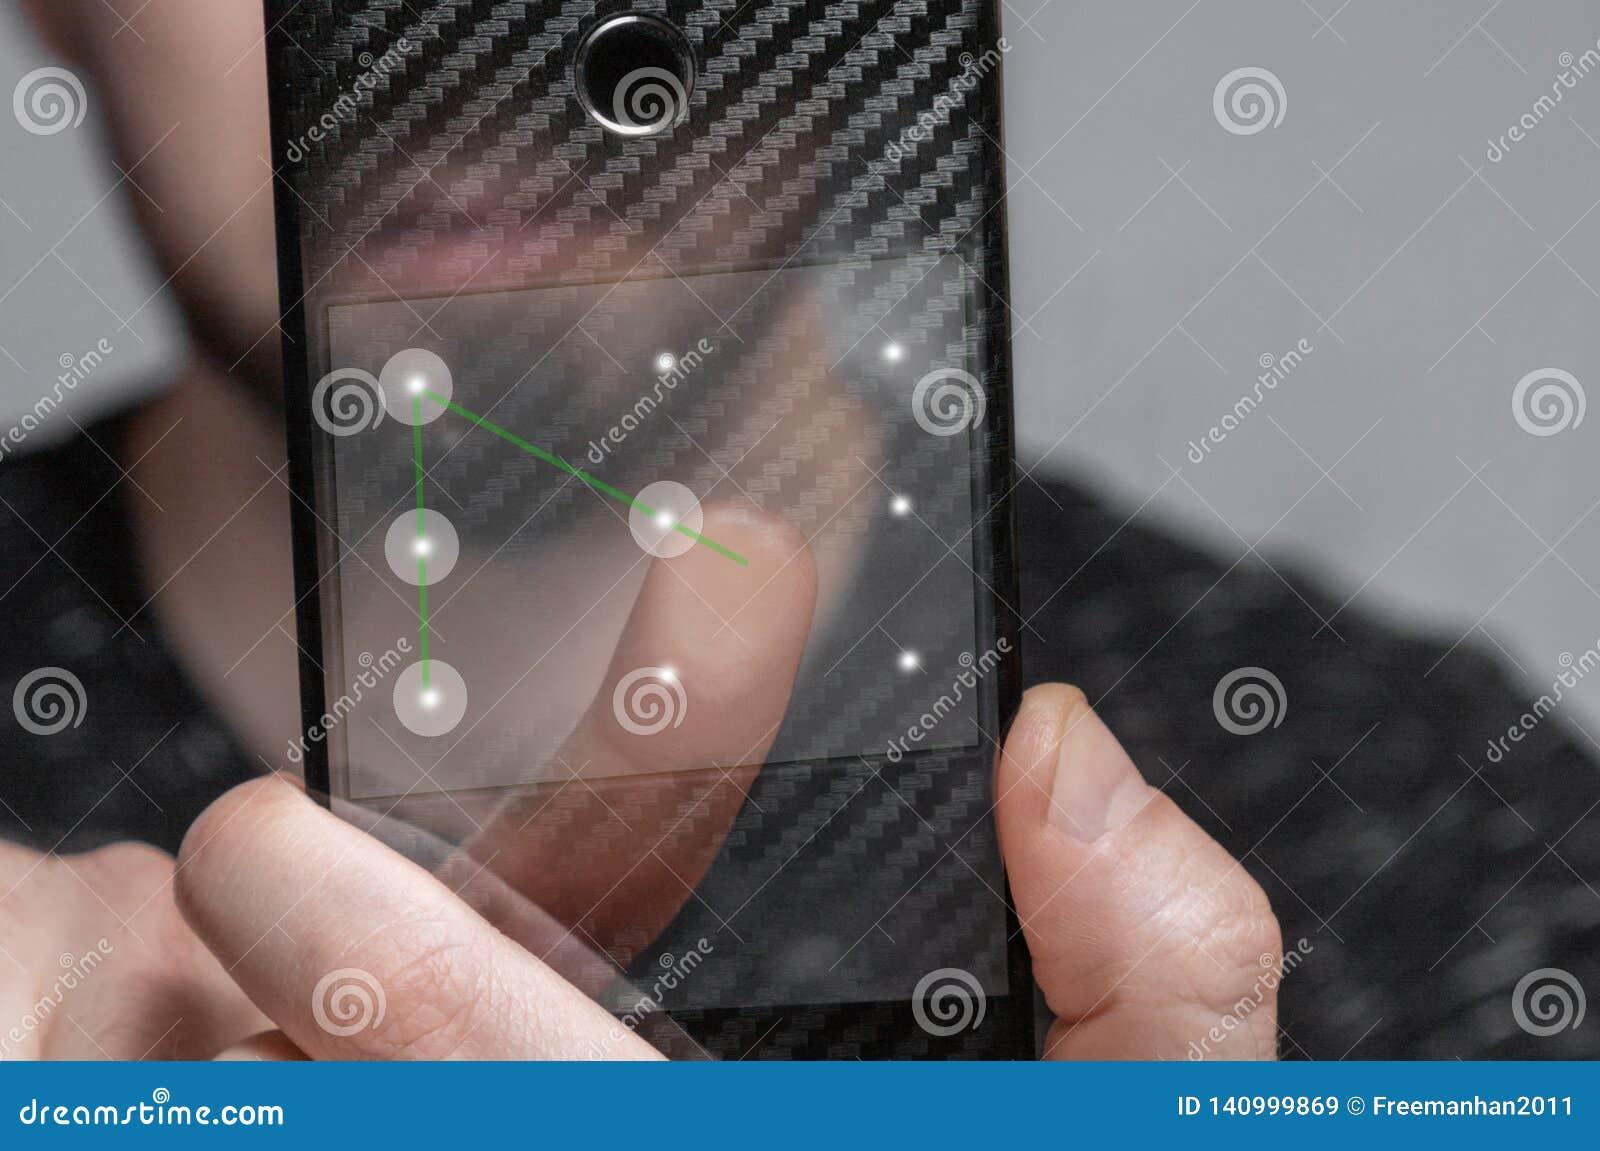 Ο νεαρός άνδρας χρησιμοποιεί την ταυτότητα προτύπων για να ξεκλειδώσει το τηλέφωνο